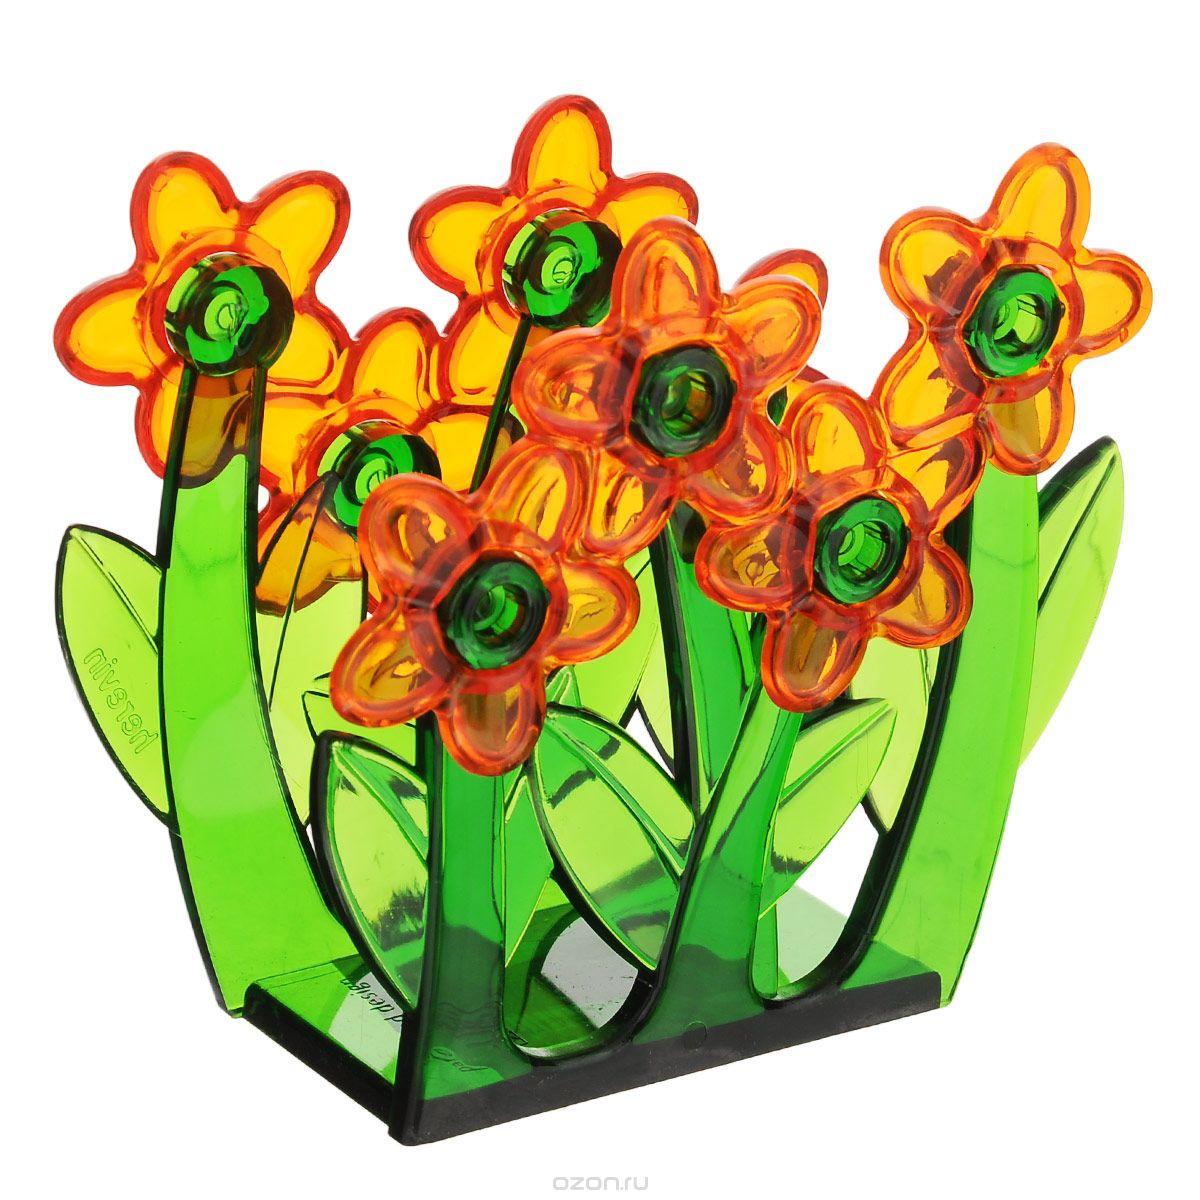 Салфетница Herevin, цвет: оранжевый161210-000_ оранжевыйСалфетница Herevin, изготовленная из высококачественного прочного пластика, оформлена декоративными цветами. Яркий и оригинальный дизайн, несомненно, придется вам по вкусу. Такая салфетница великолепно украсит праздничный стол.